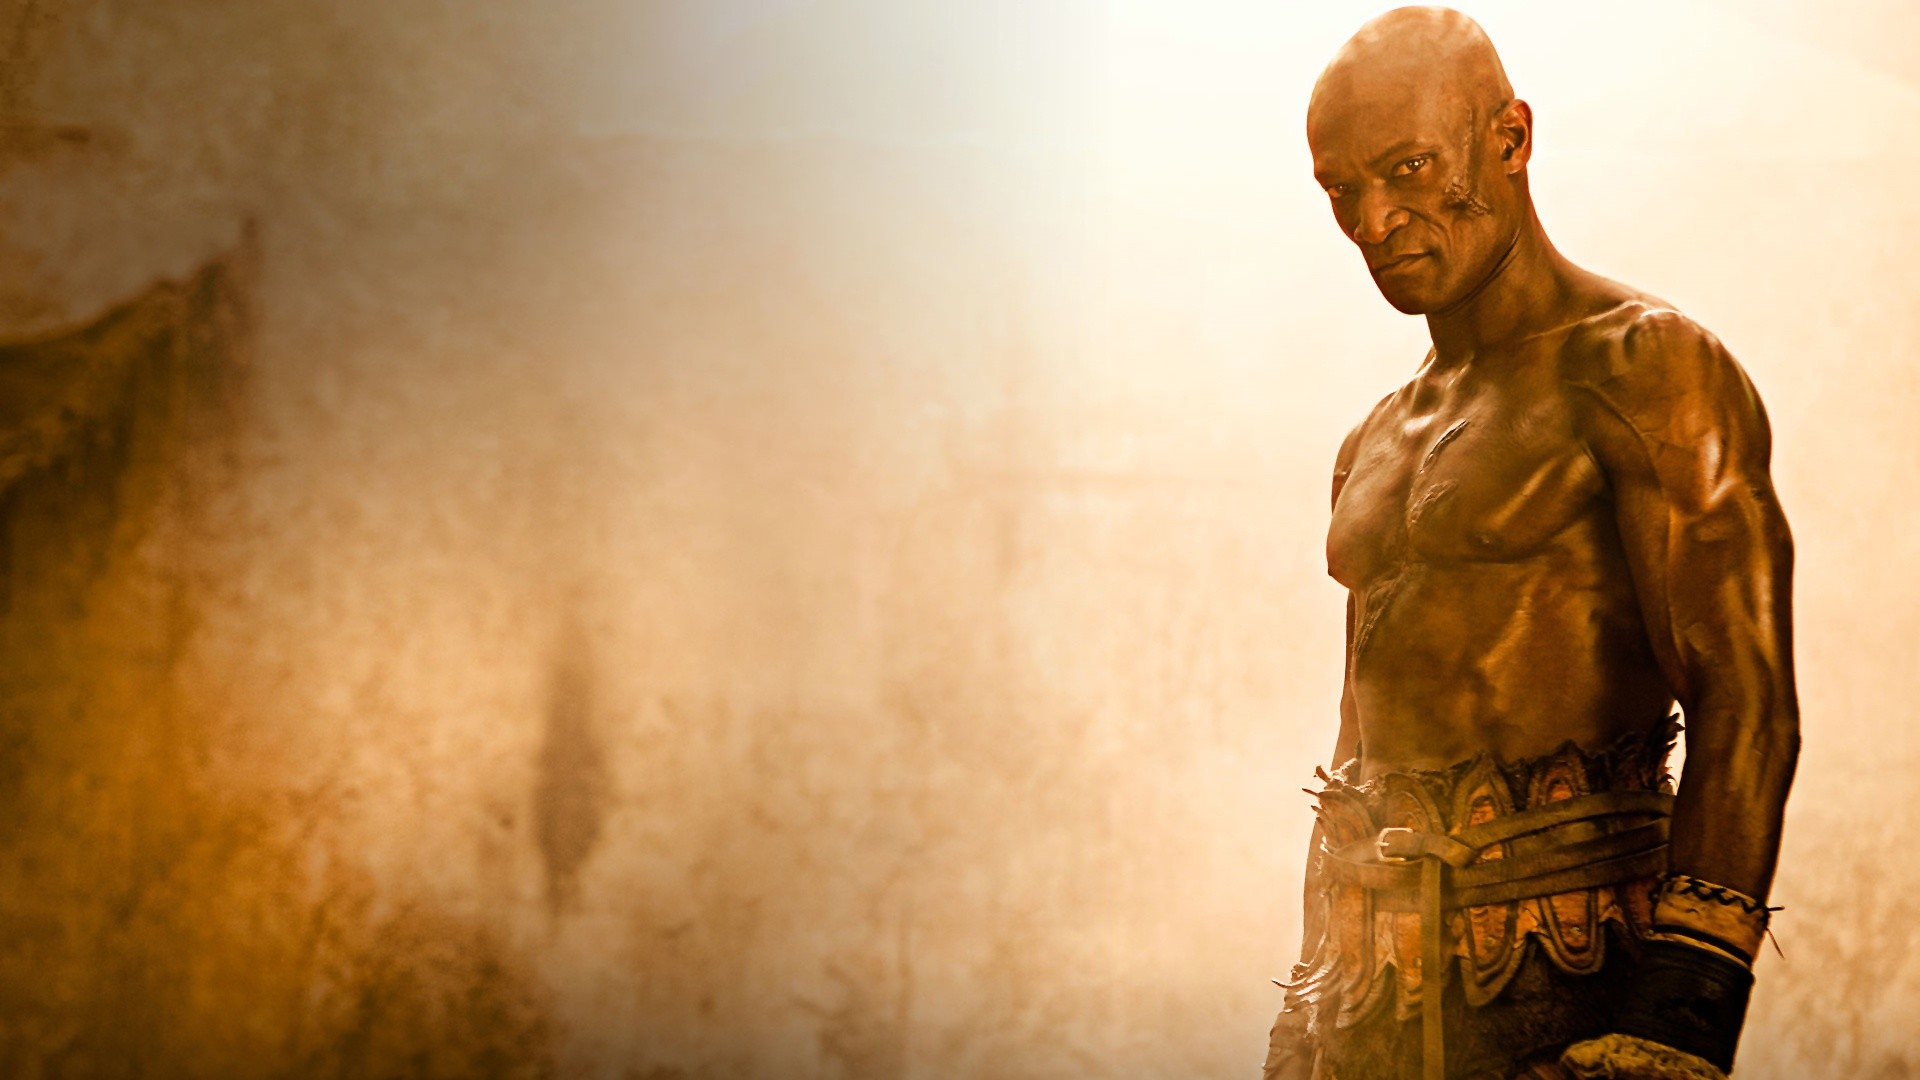 Spartacus gladiator Wallpaper